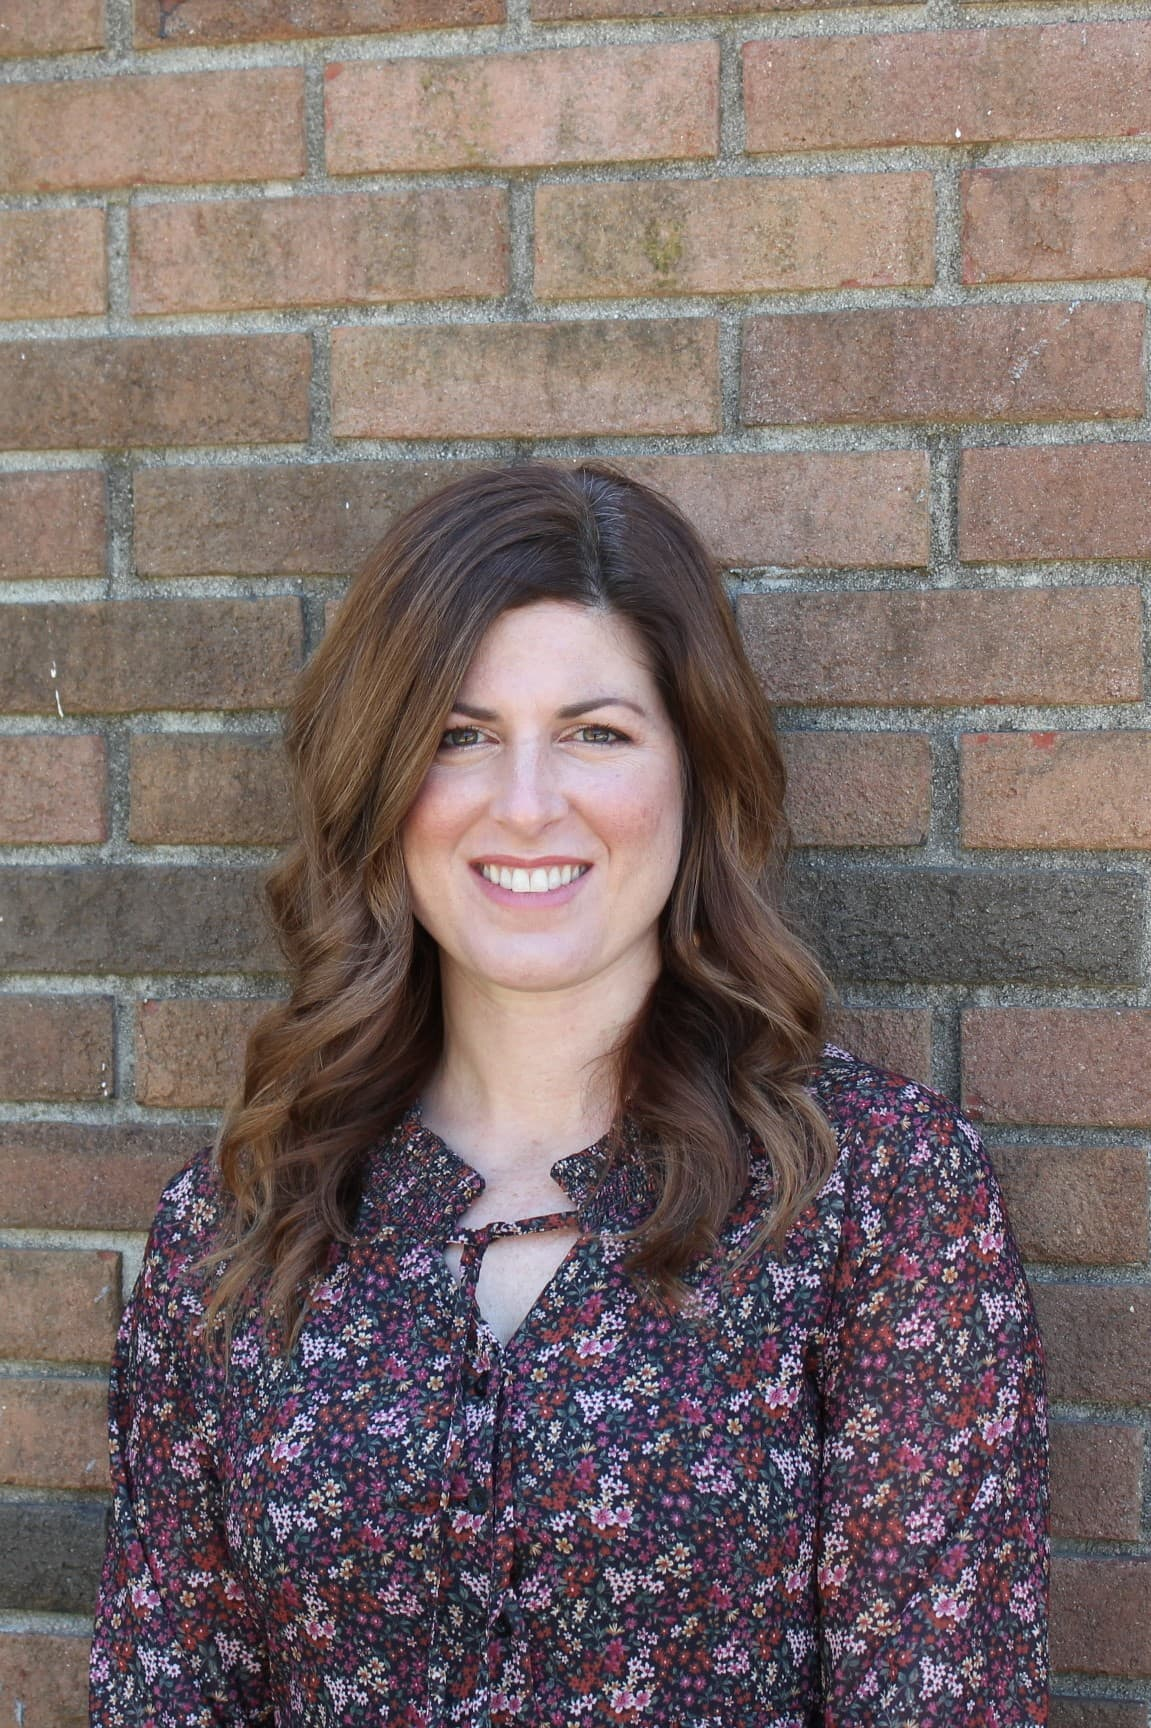 Katie Castor